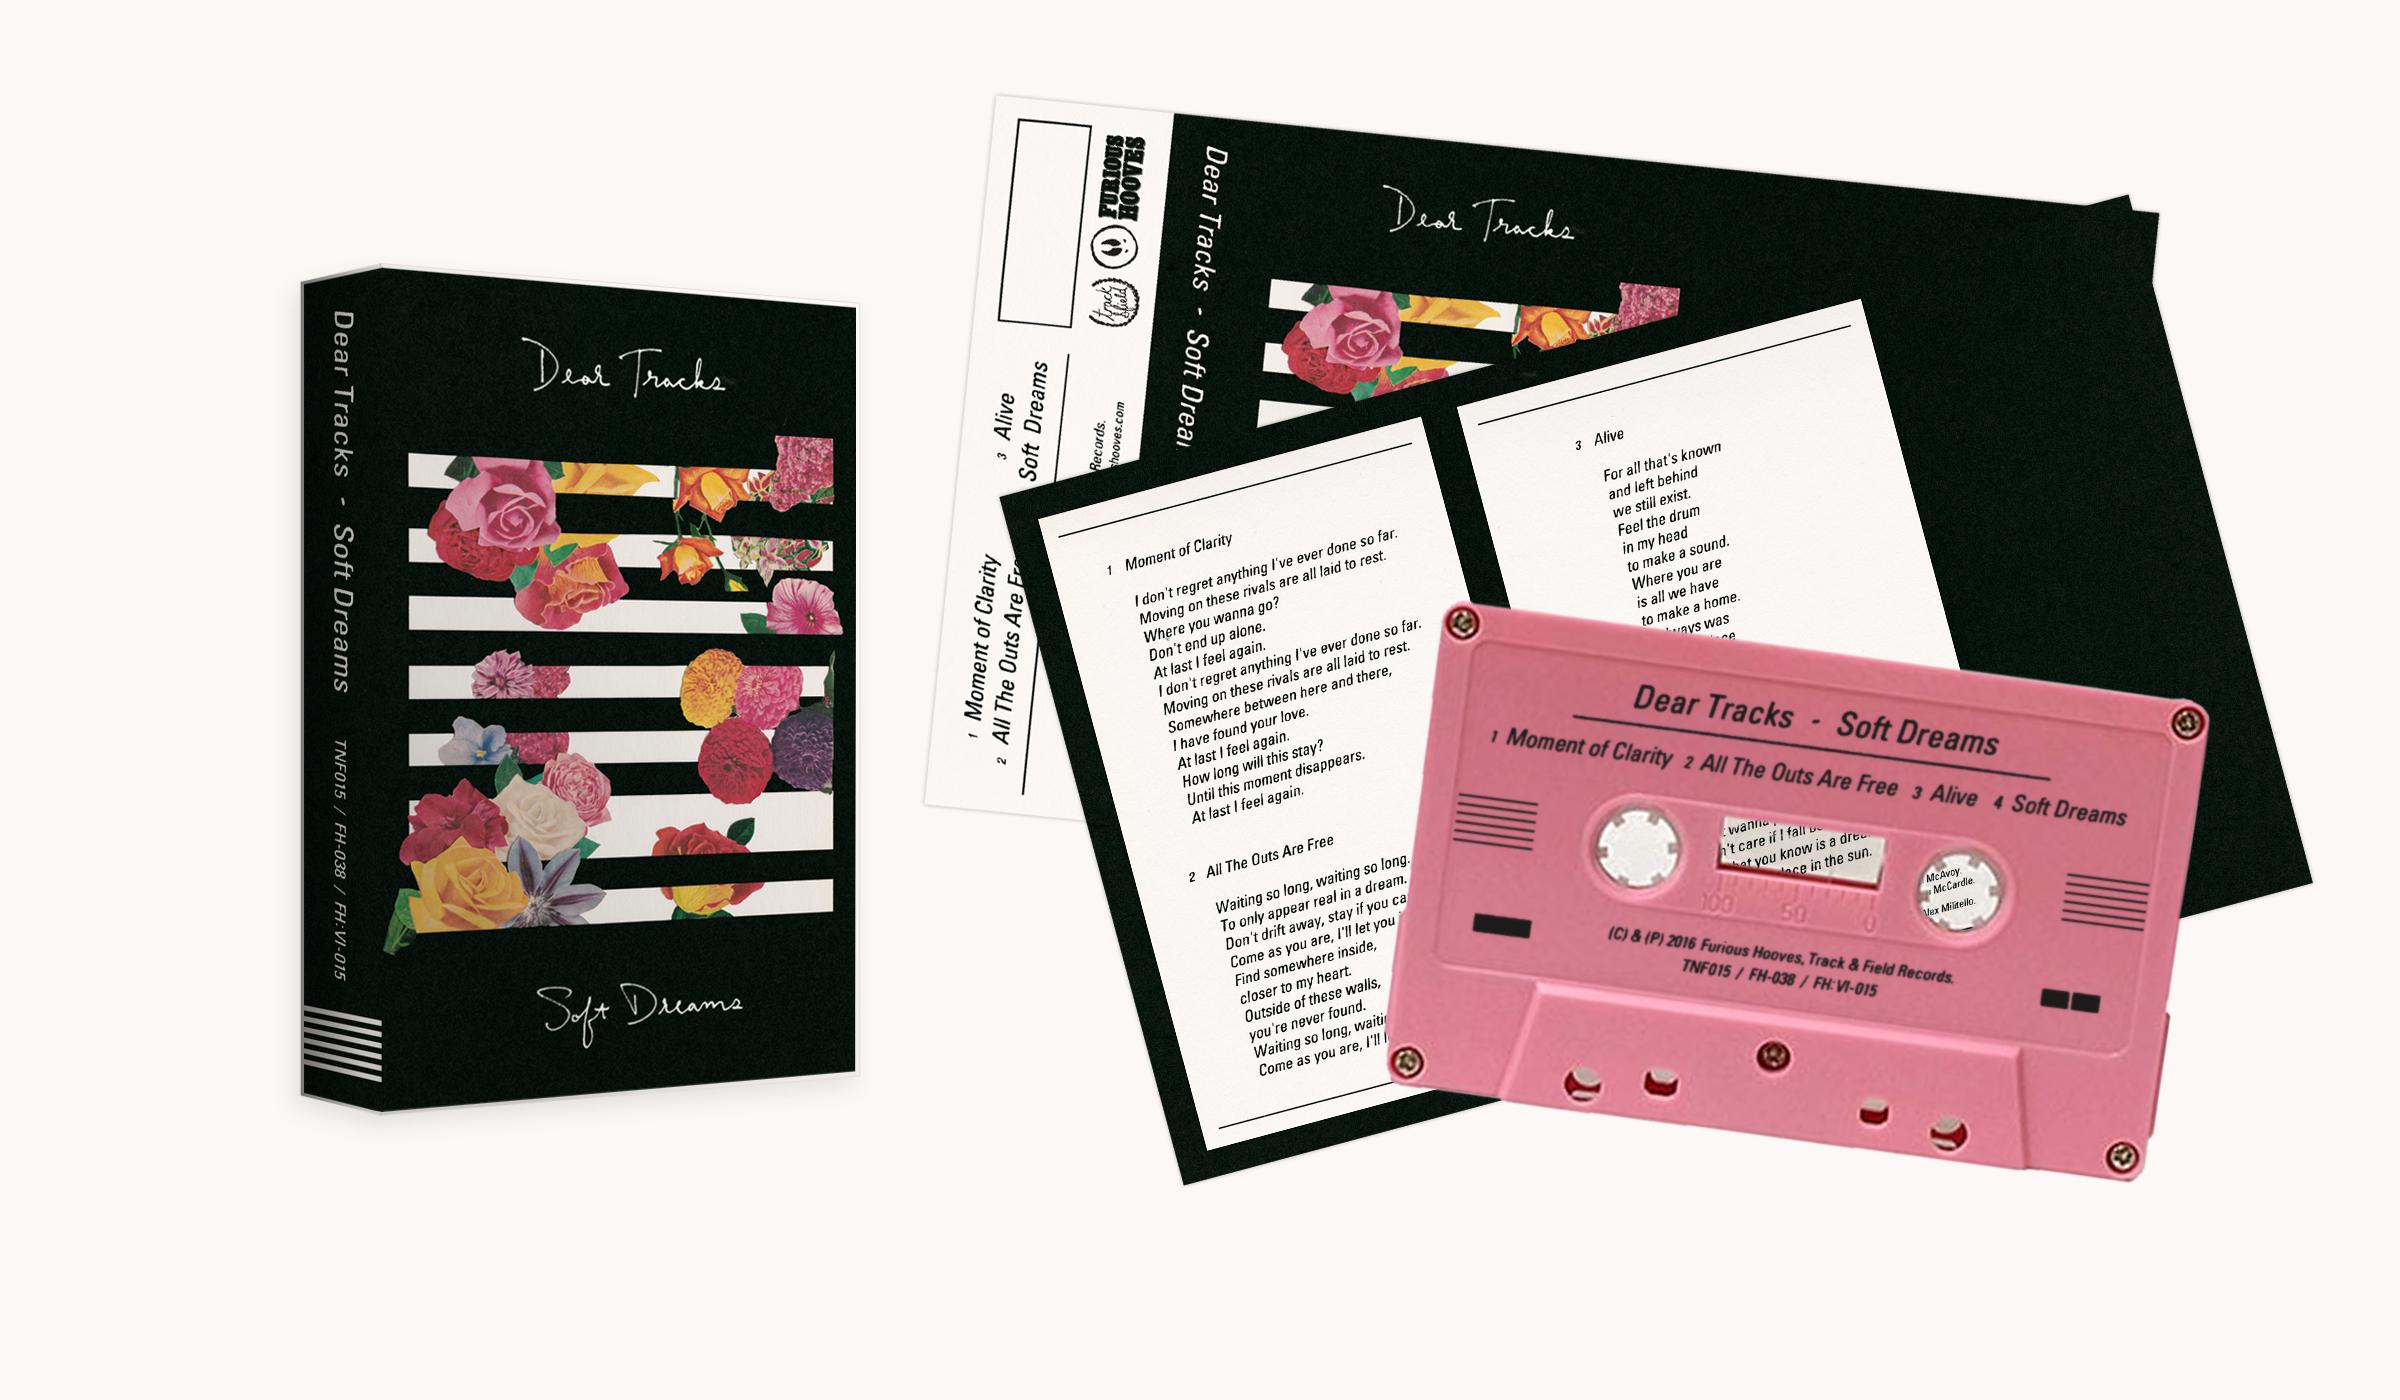 FHVI-015 Dear Tracks CS_pink (tour).jpg